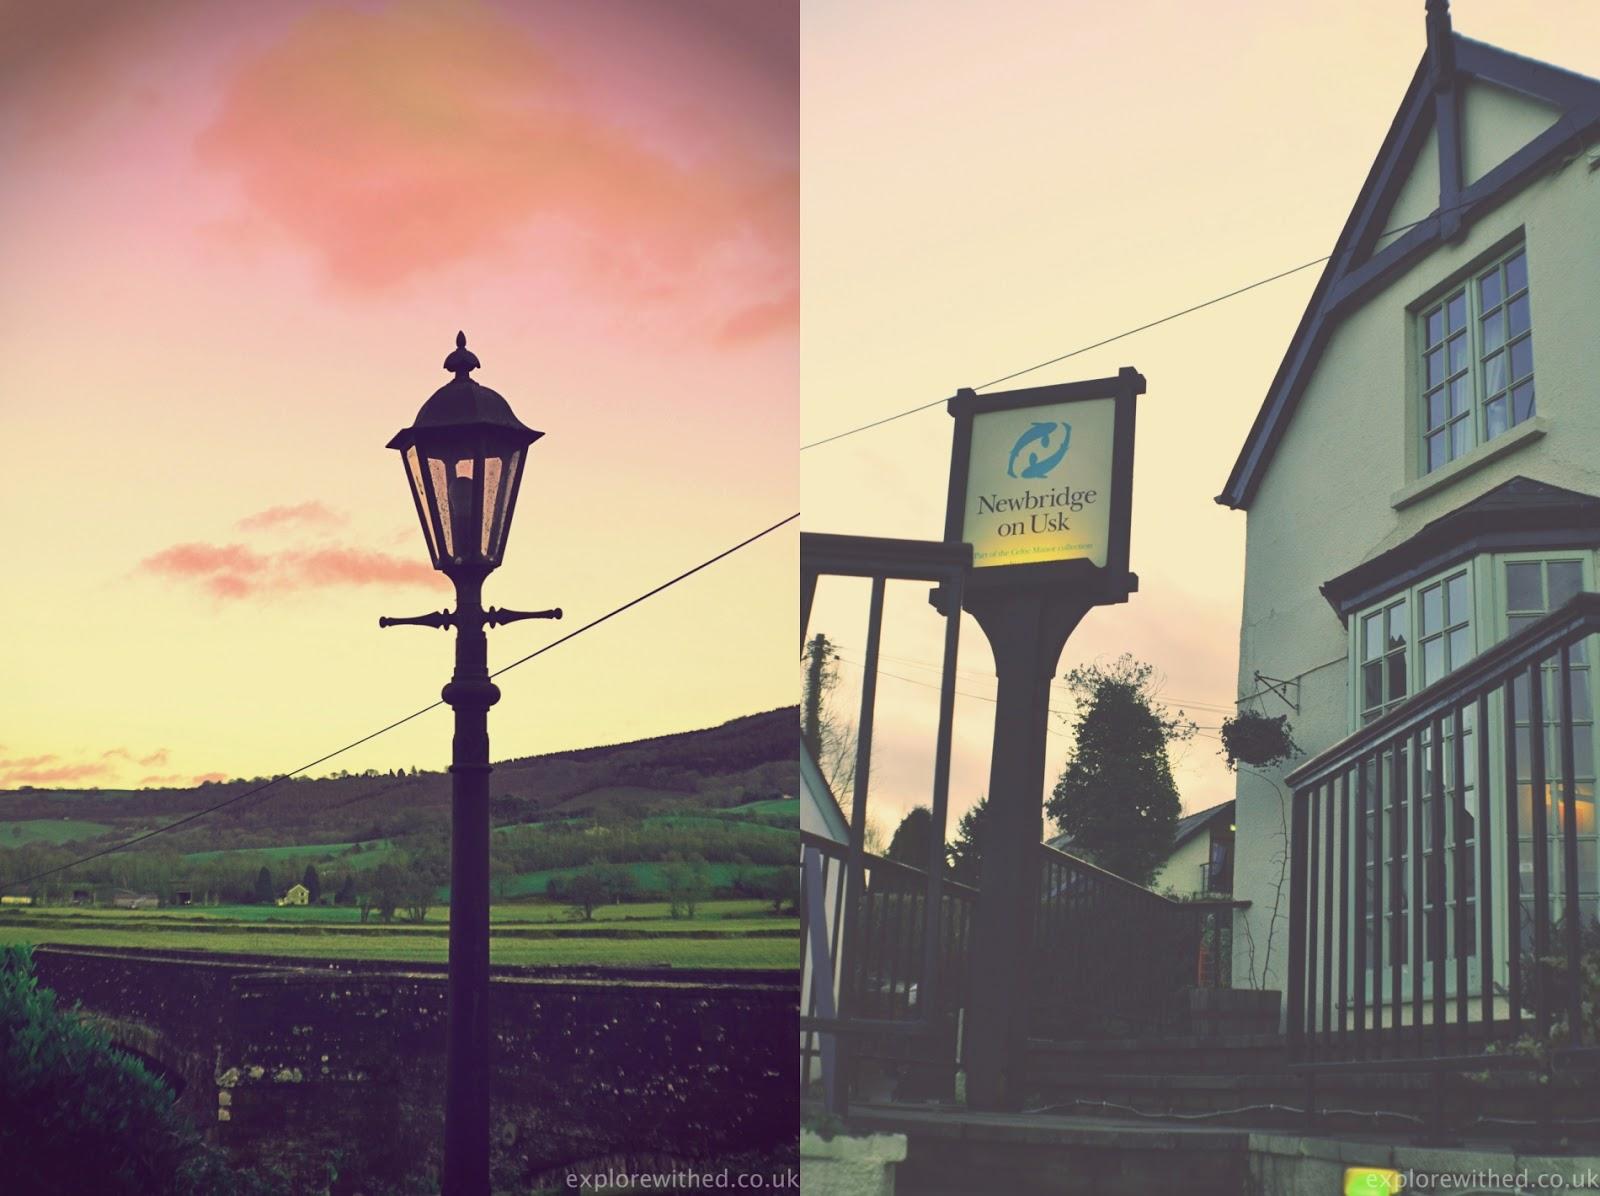 Old lamp outside Newbridge on Usk